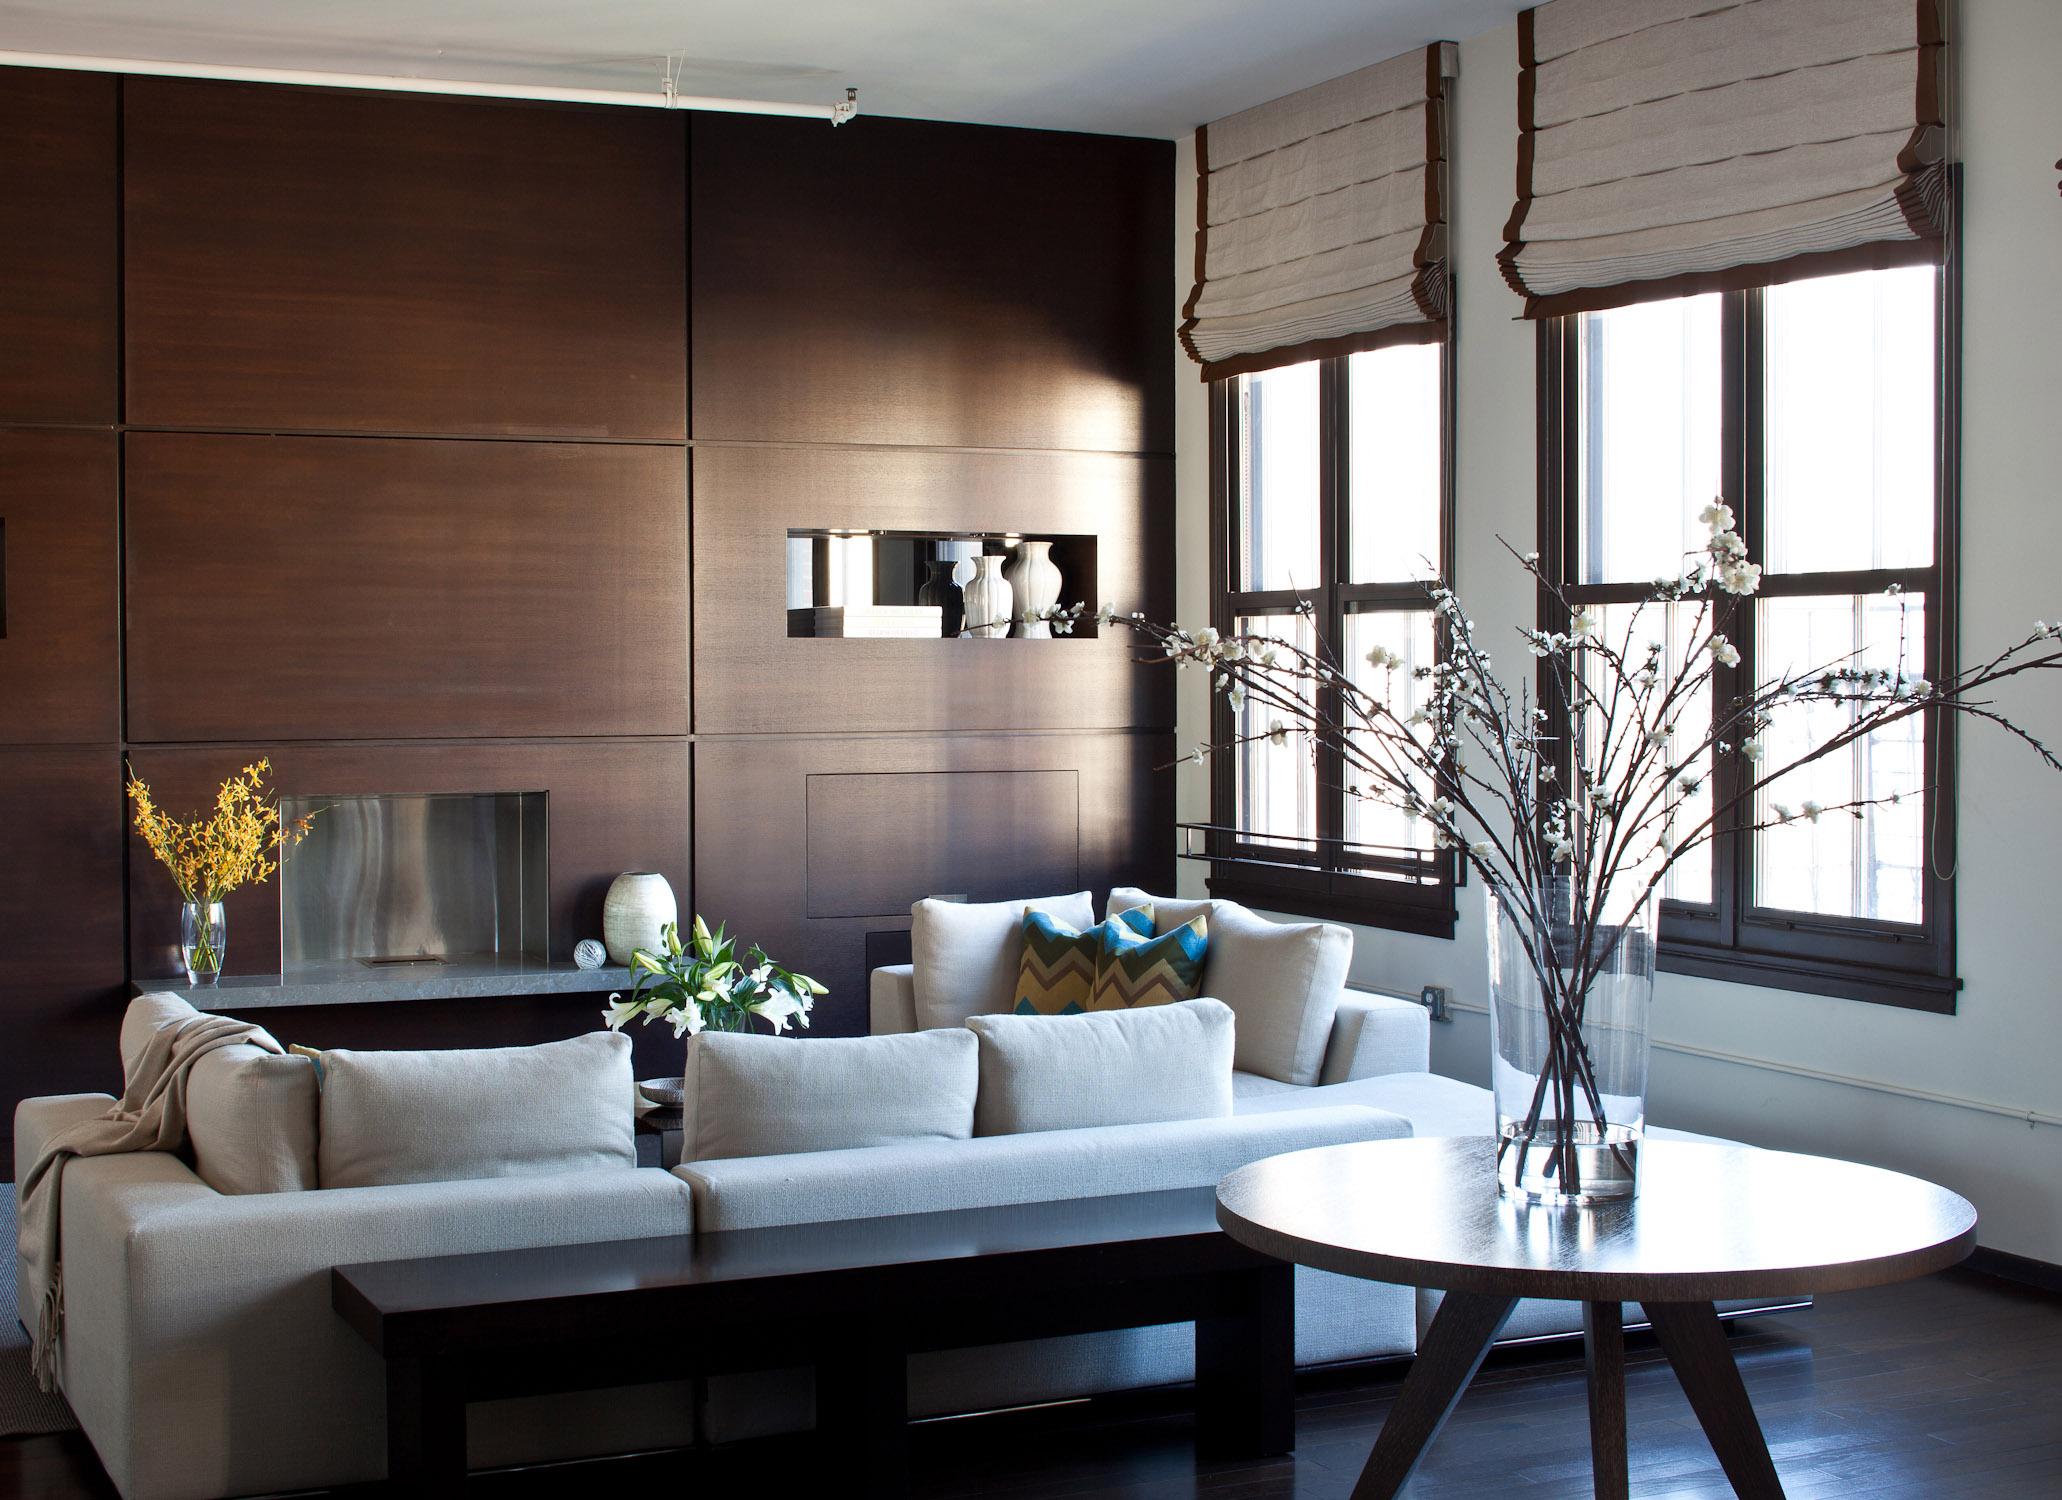 CORPORATE HOLLYWOOD LOFT / Wendy Haworth Design / www.wendyhaworthdesign.com